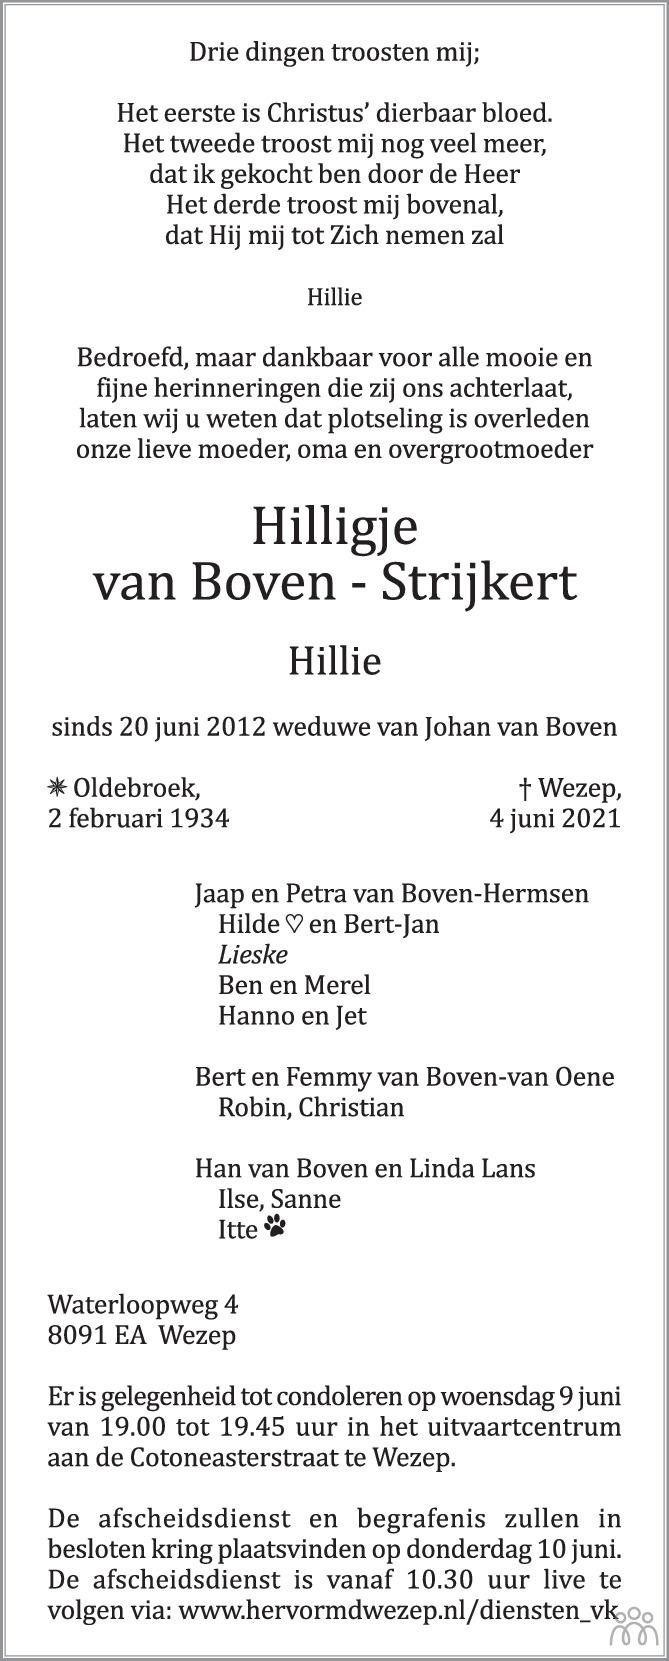 Overlijdensbericht van Hilligje (Hillie) van Boven-Strijkert in Huis aan Huis Elburg Oldebroek Nunspeet